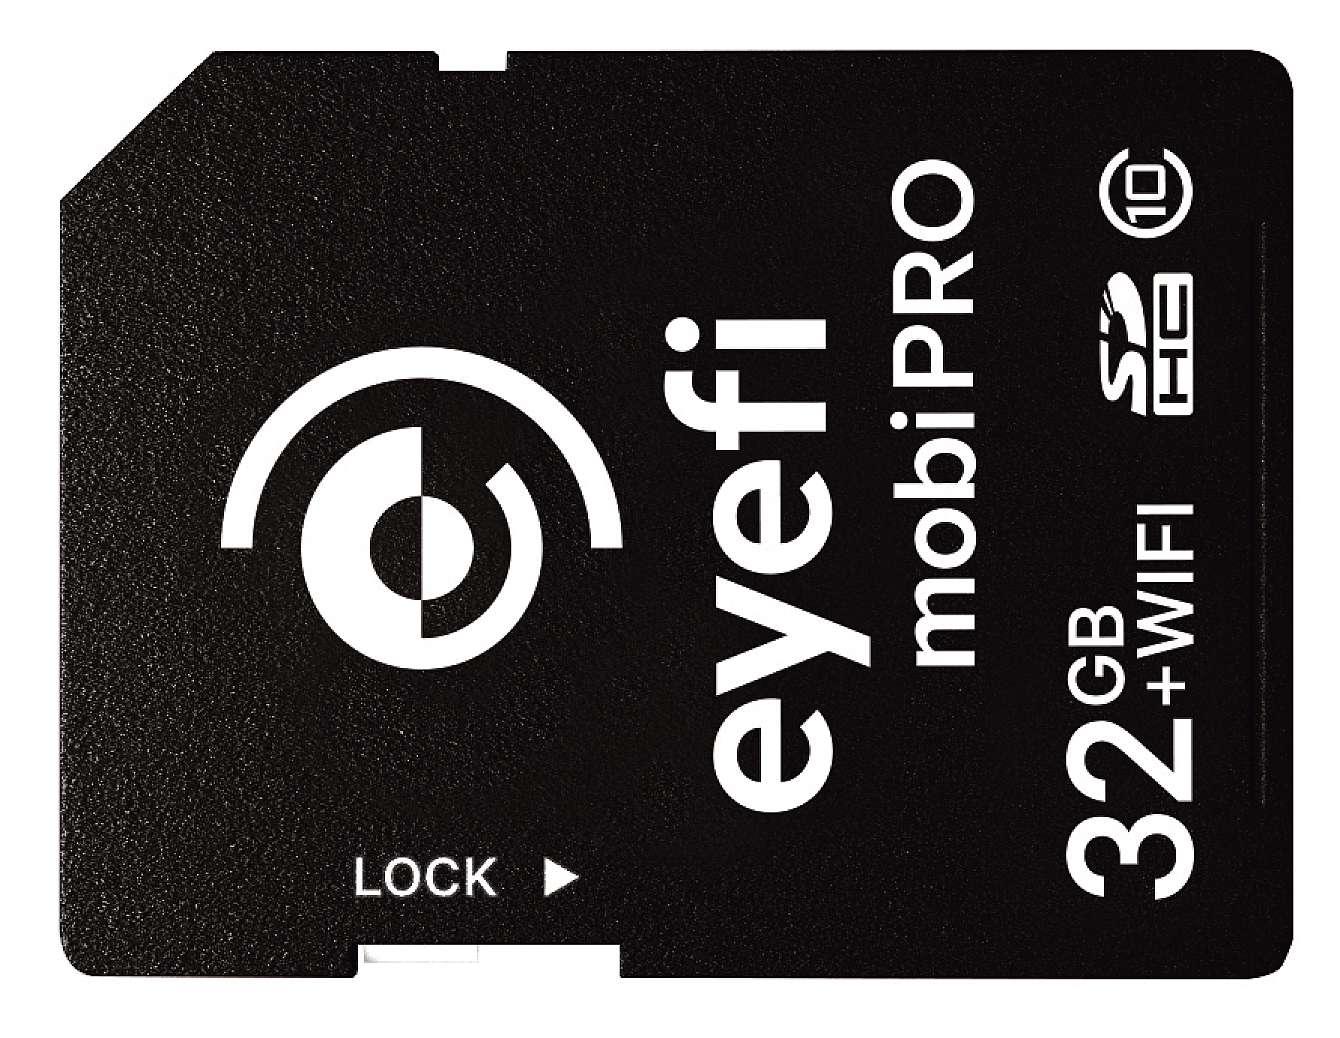 Eyefis nya minneskort mobi pro med trådlös överföring för råfiler.